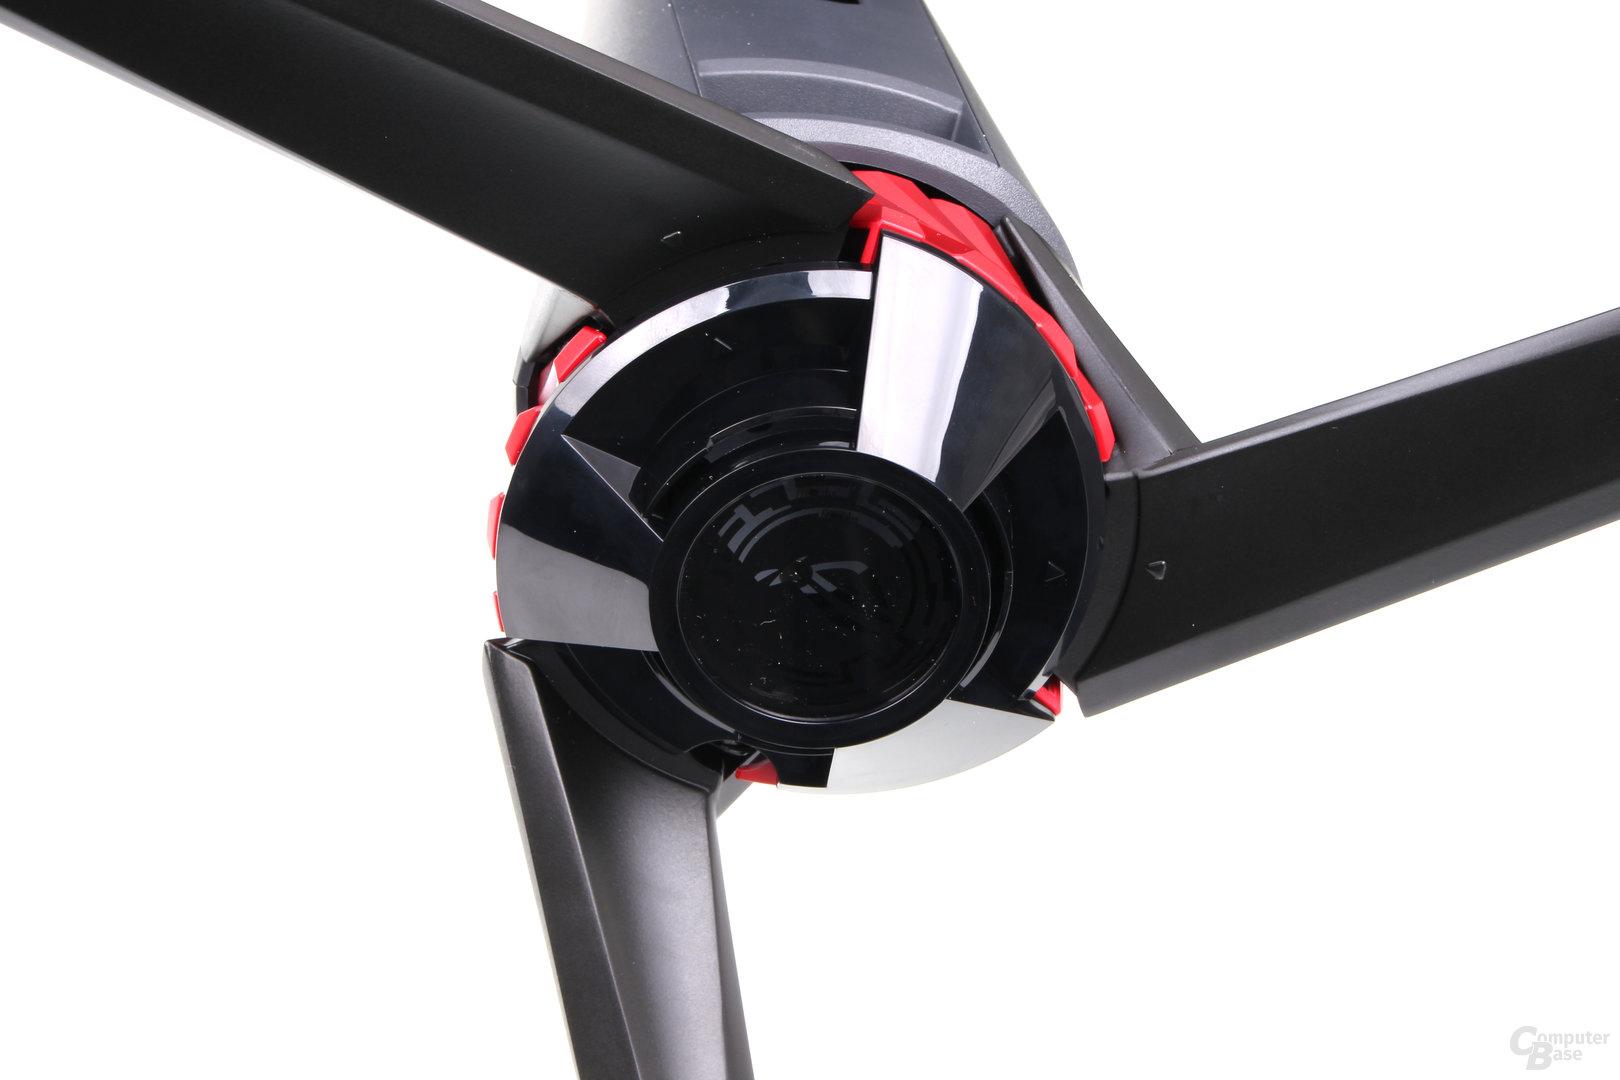 Asus ROG Strix XG35VQ – Cover an der Unterseite des Standfußes